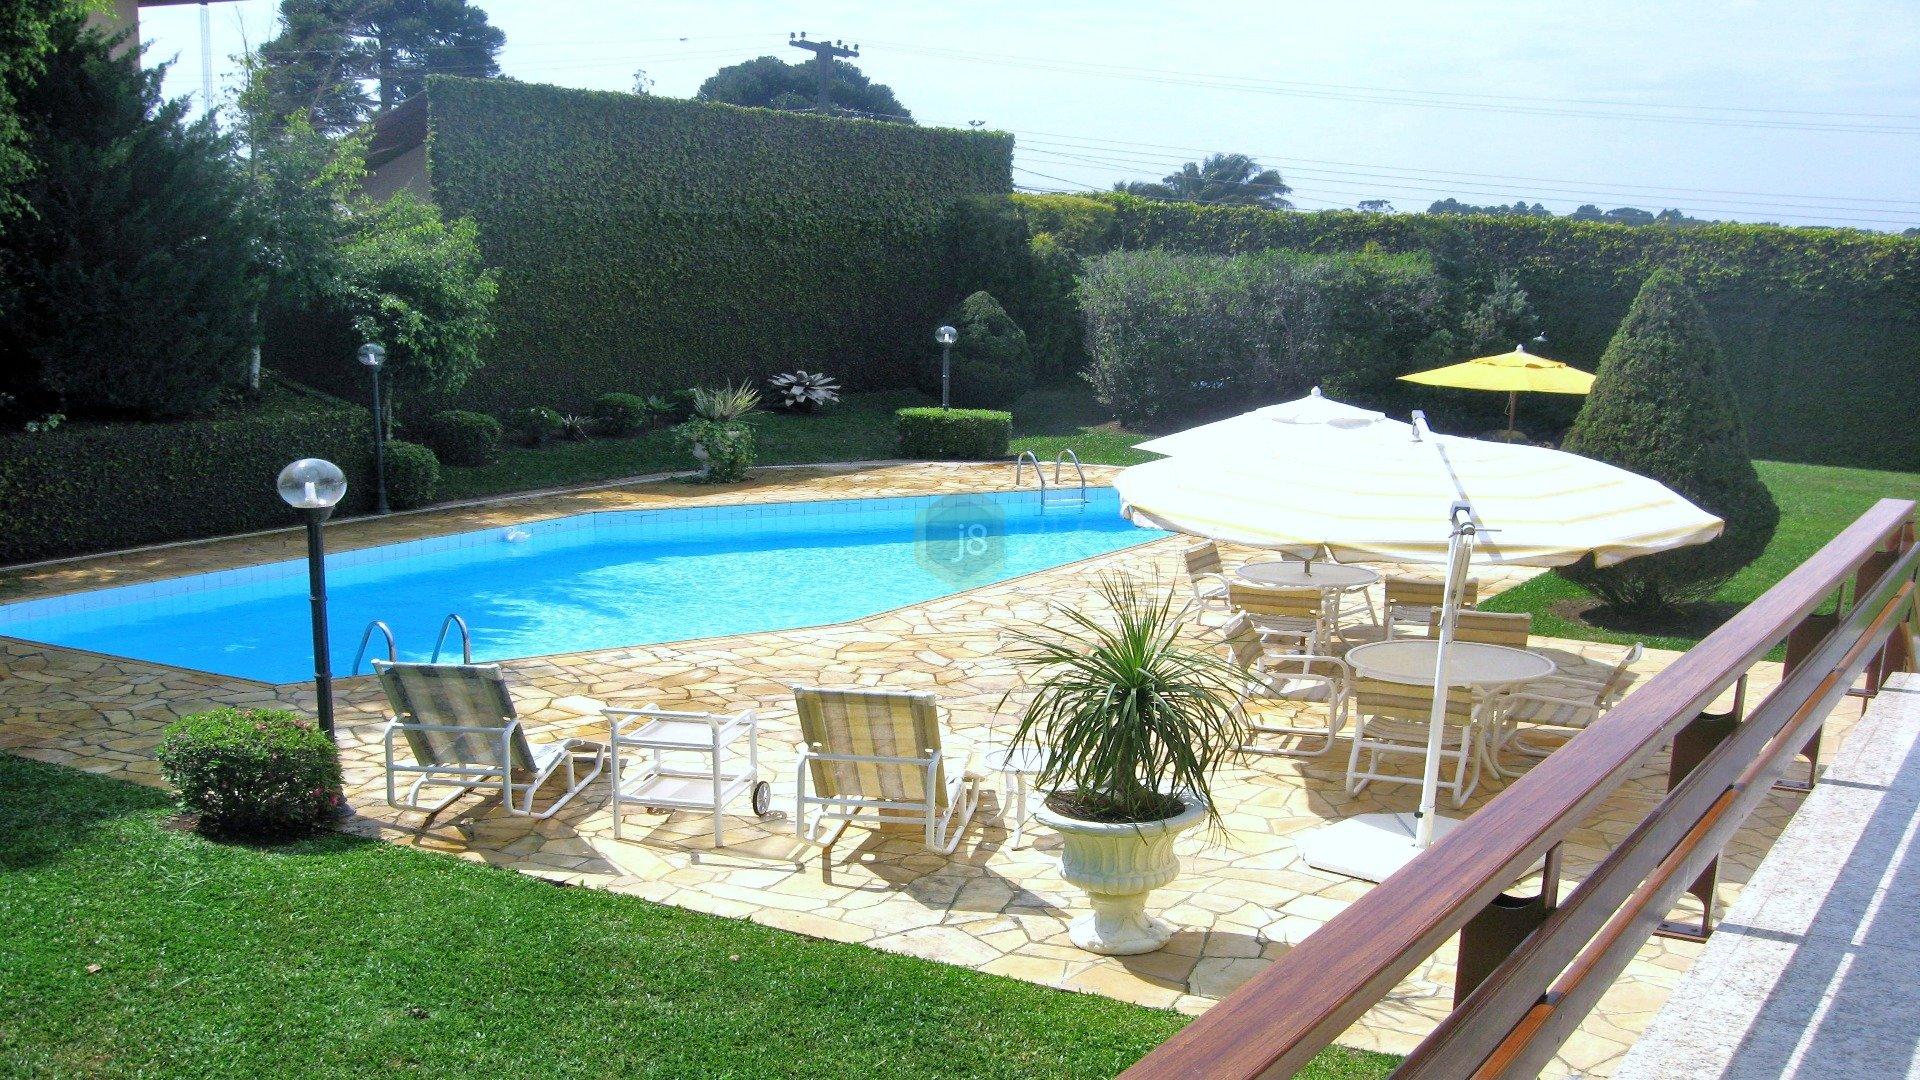 Foto de destaque Casa de prestígio com belíssimo jardim